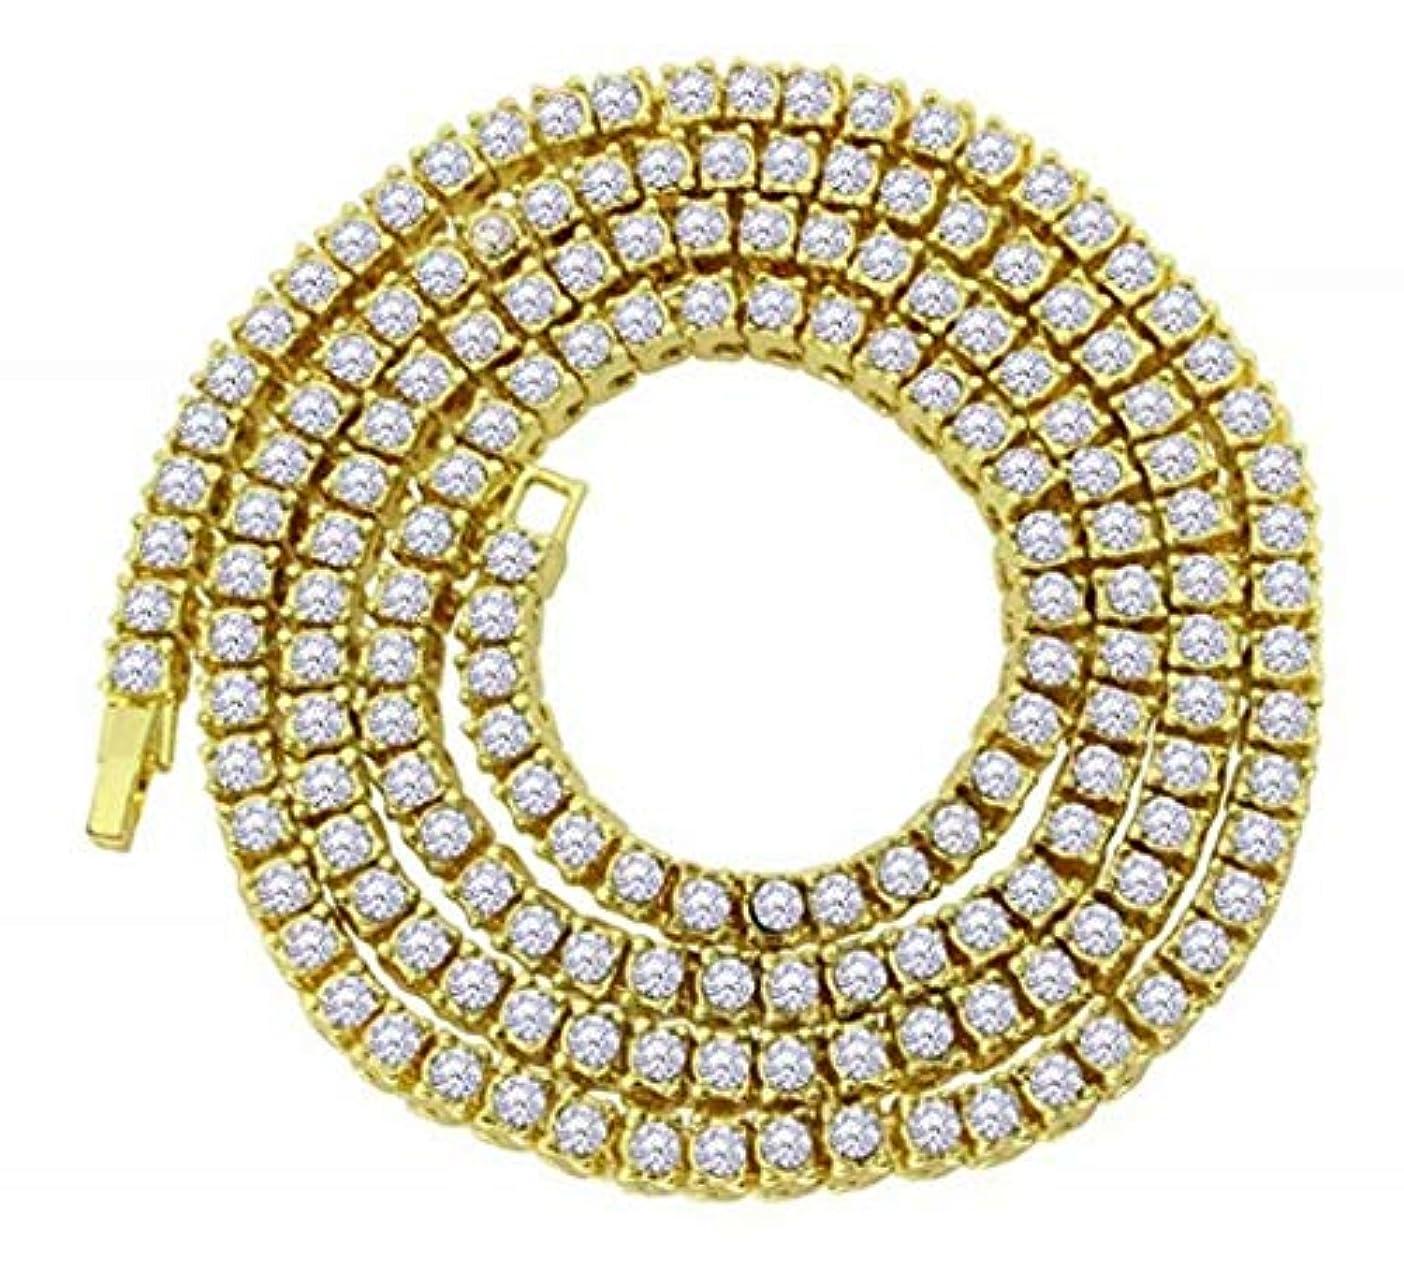 ほとんどない派手モニター七里の香 18 Kゴールドメッキ1行 ダイヤモンド アイスアウト チェーンマクロ CZヒップホップテニスネックレス ゴールド